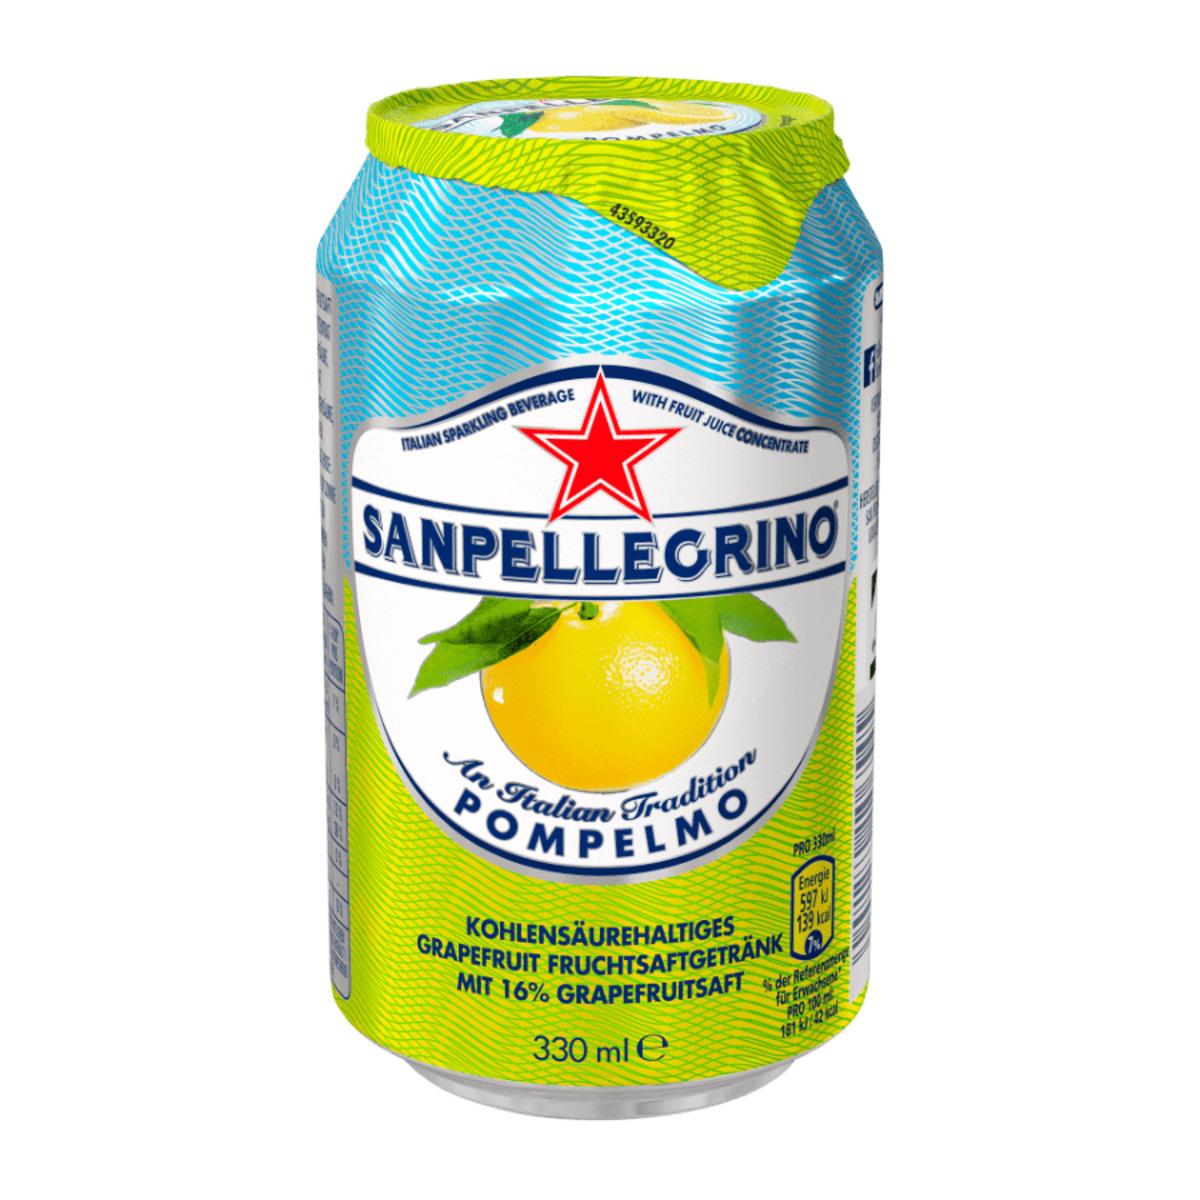 Bild 4 von Sanpellegrino